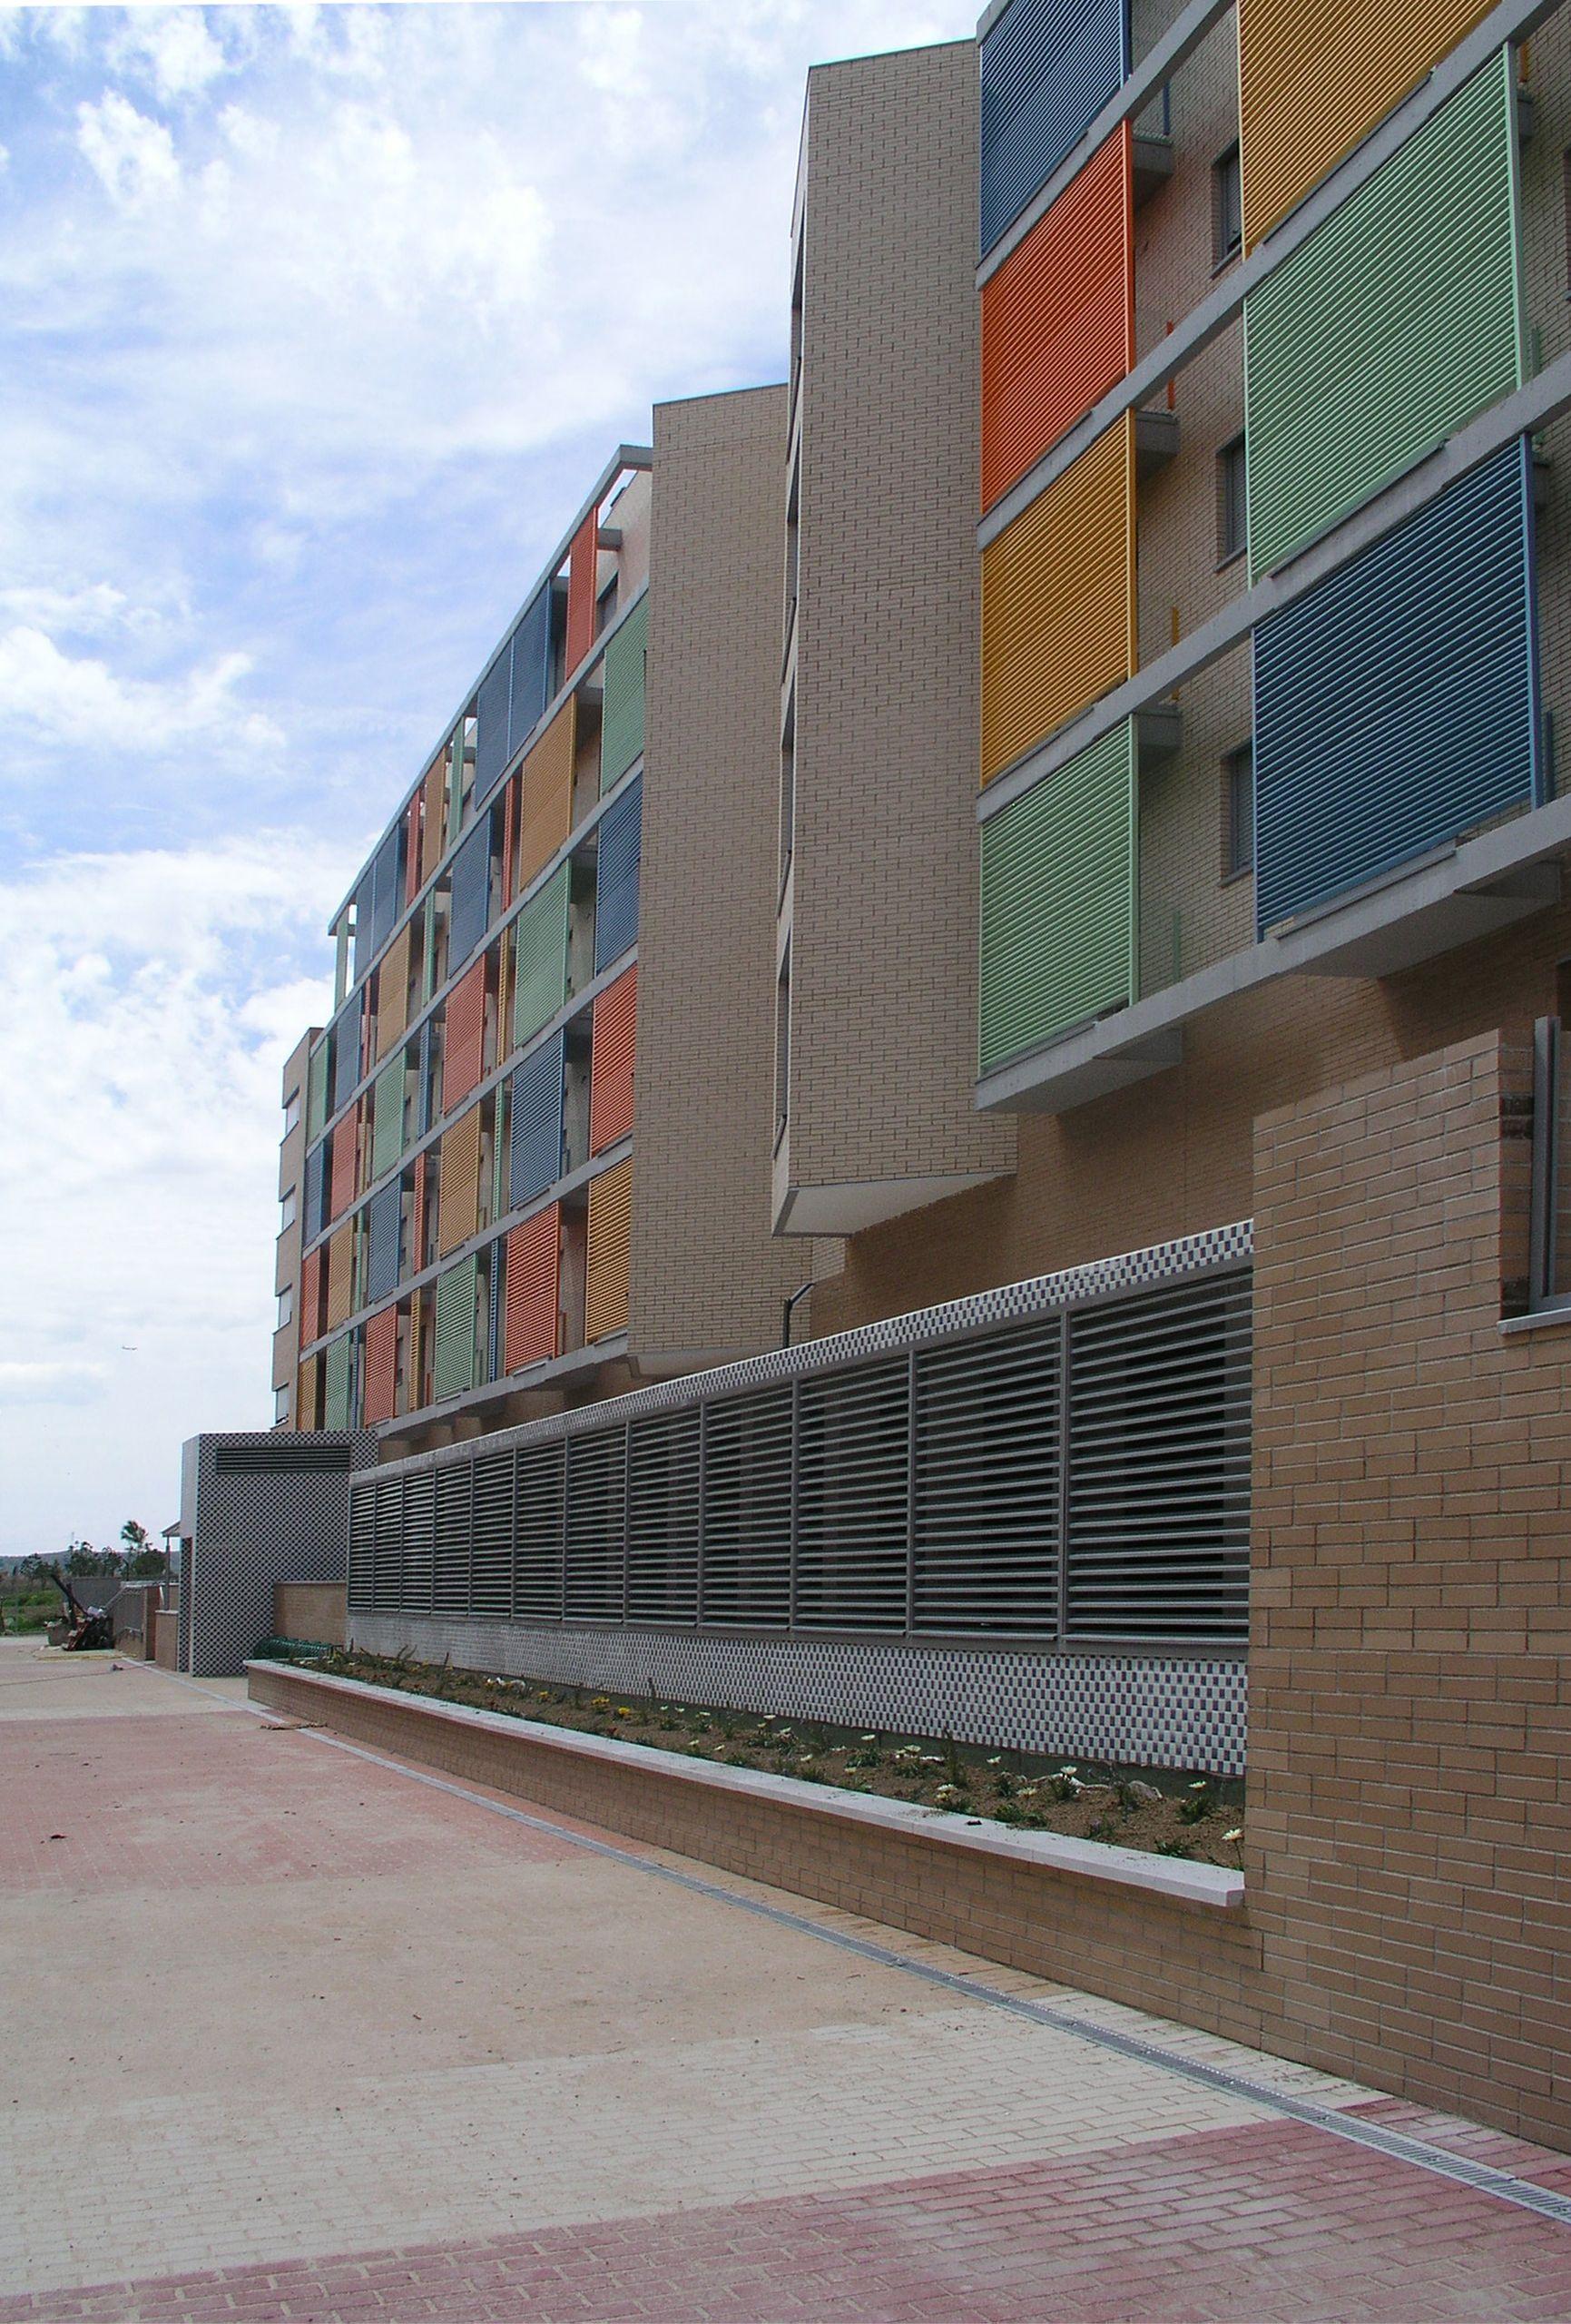 Edificio de 114 viviendas VPO. Ruiz Albusac Arquitectos. Torrejón de Ardoz (Madrid).